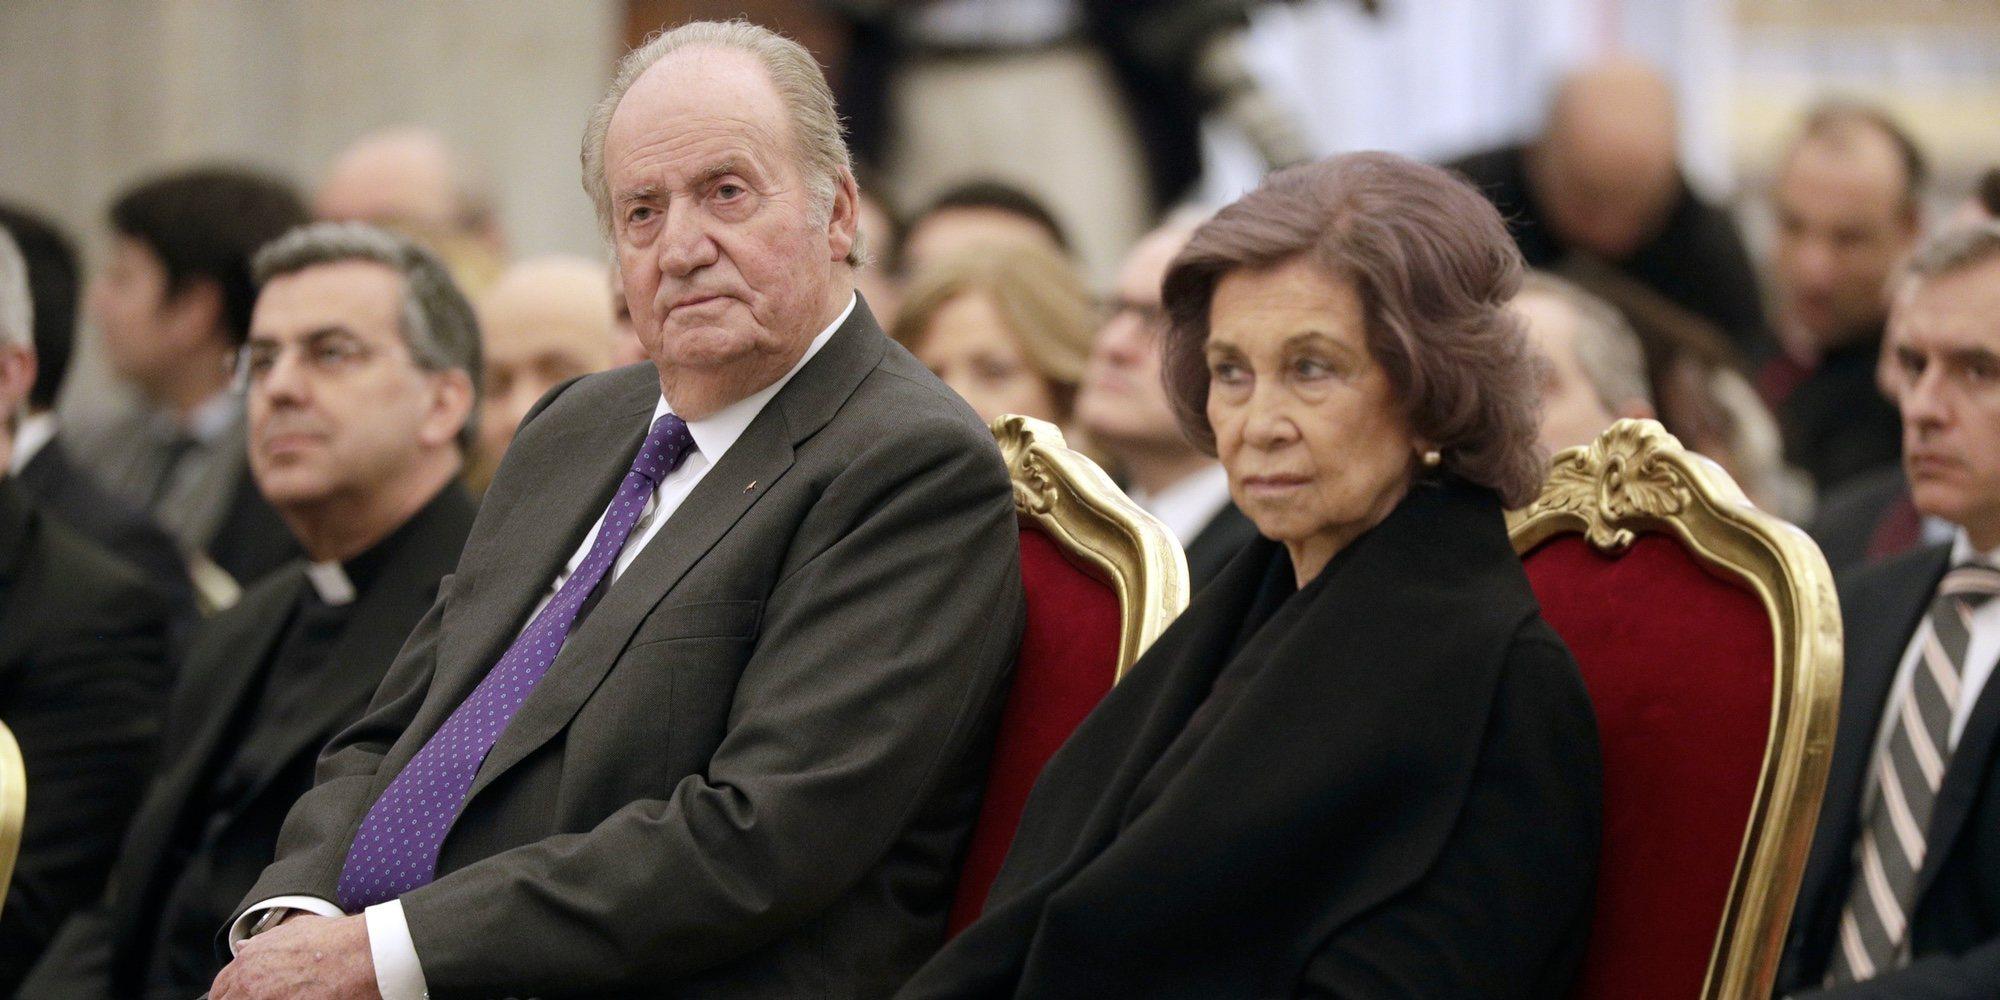 La venganza de la Reina Sofía sobre Corinna zu Sayn-Wittgenstein en su momento más tenso